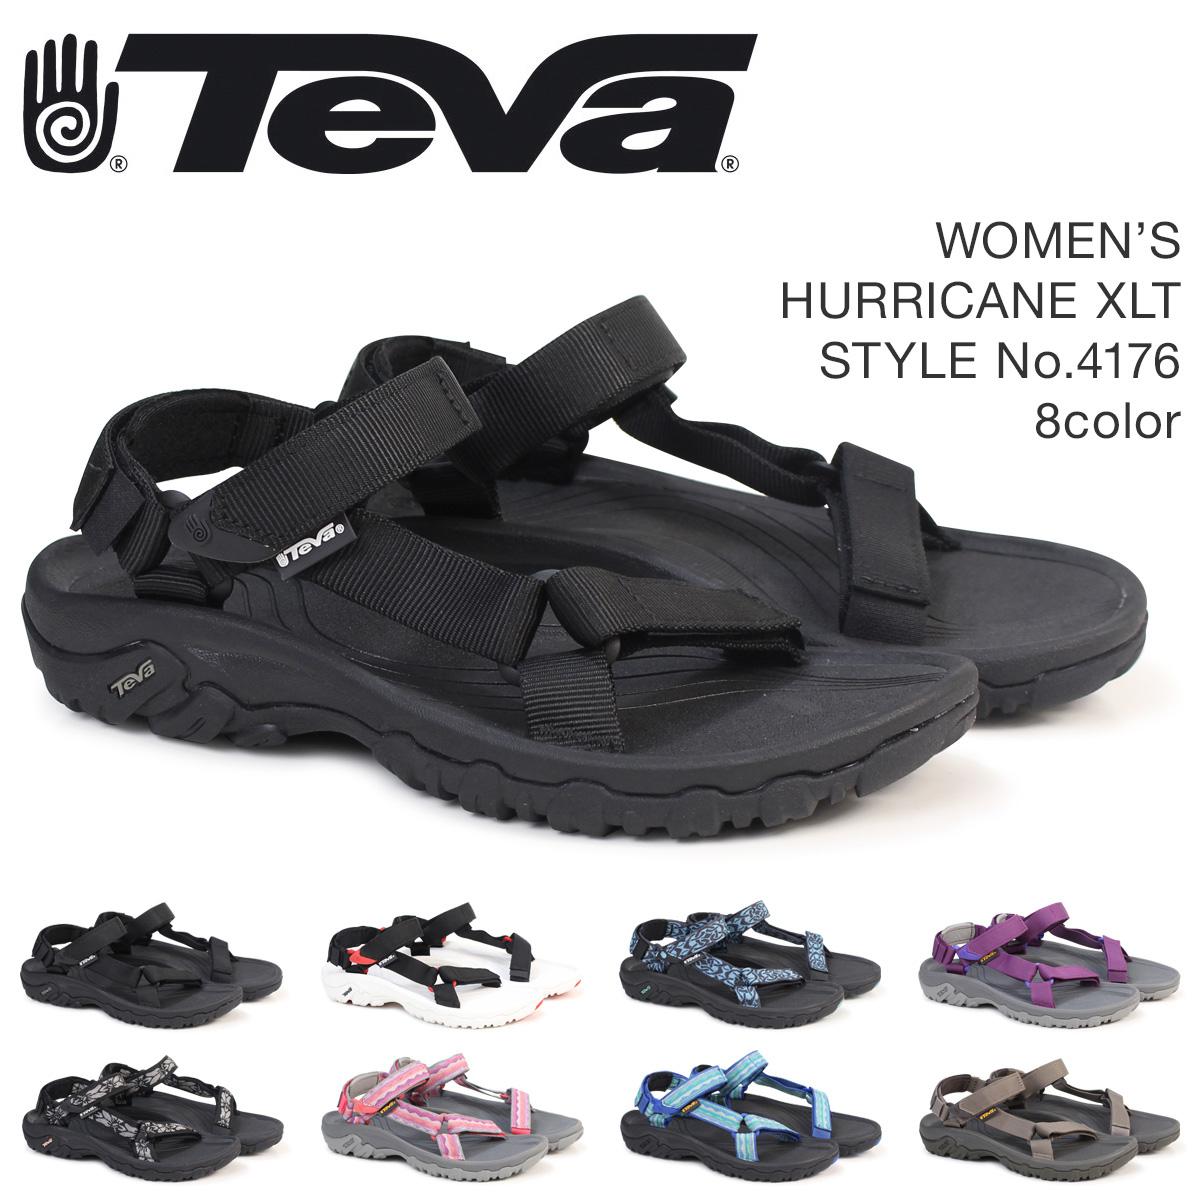 3e6566bb9436 ALLSPORTS  Teva Teva Sandals Women s Hurricane XLT W HURRICANE XLT 4176